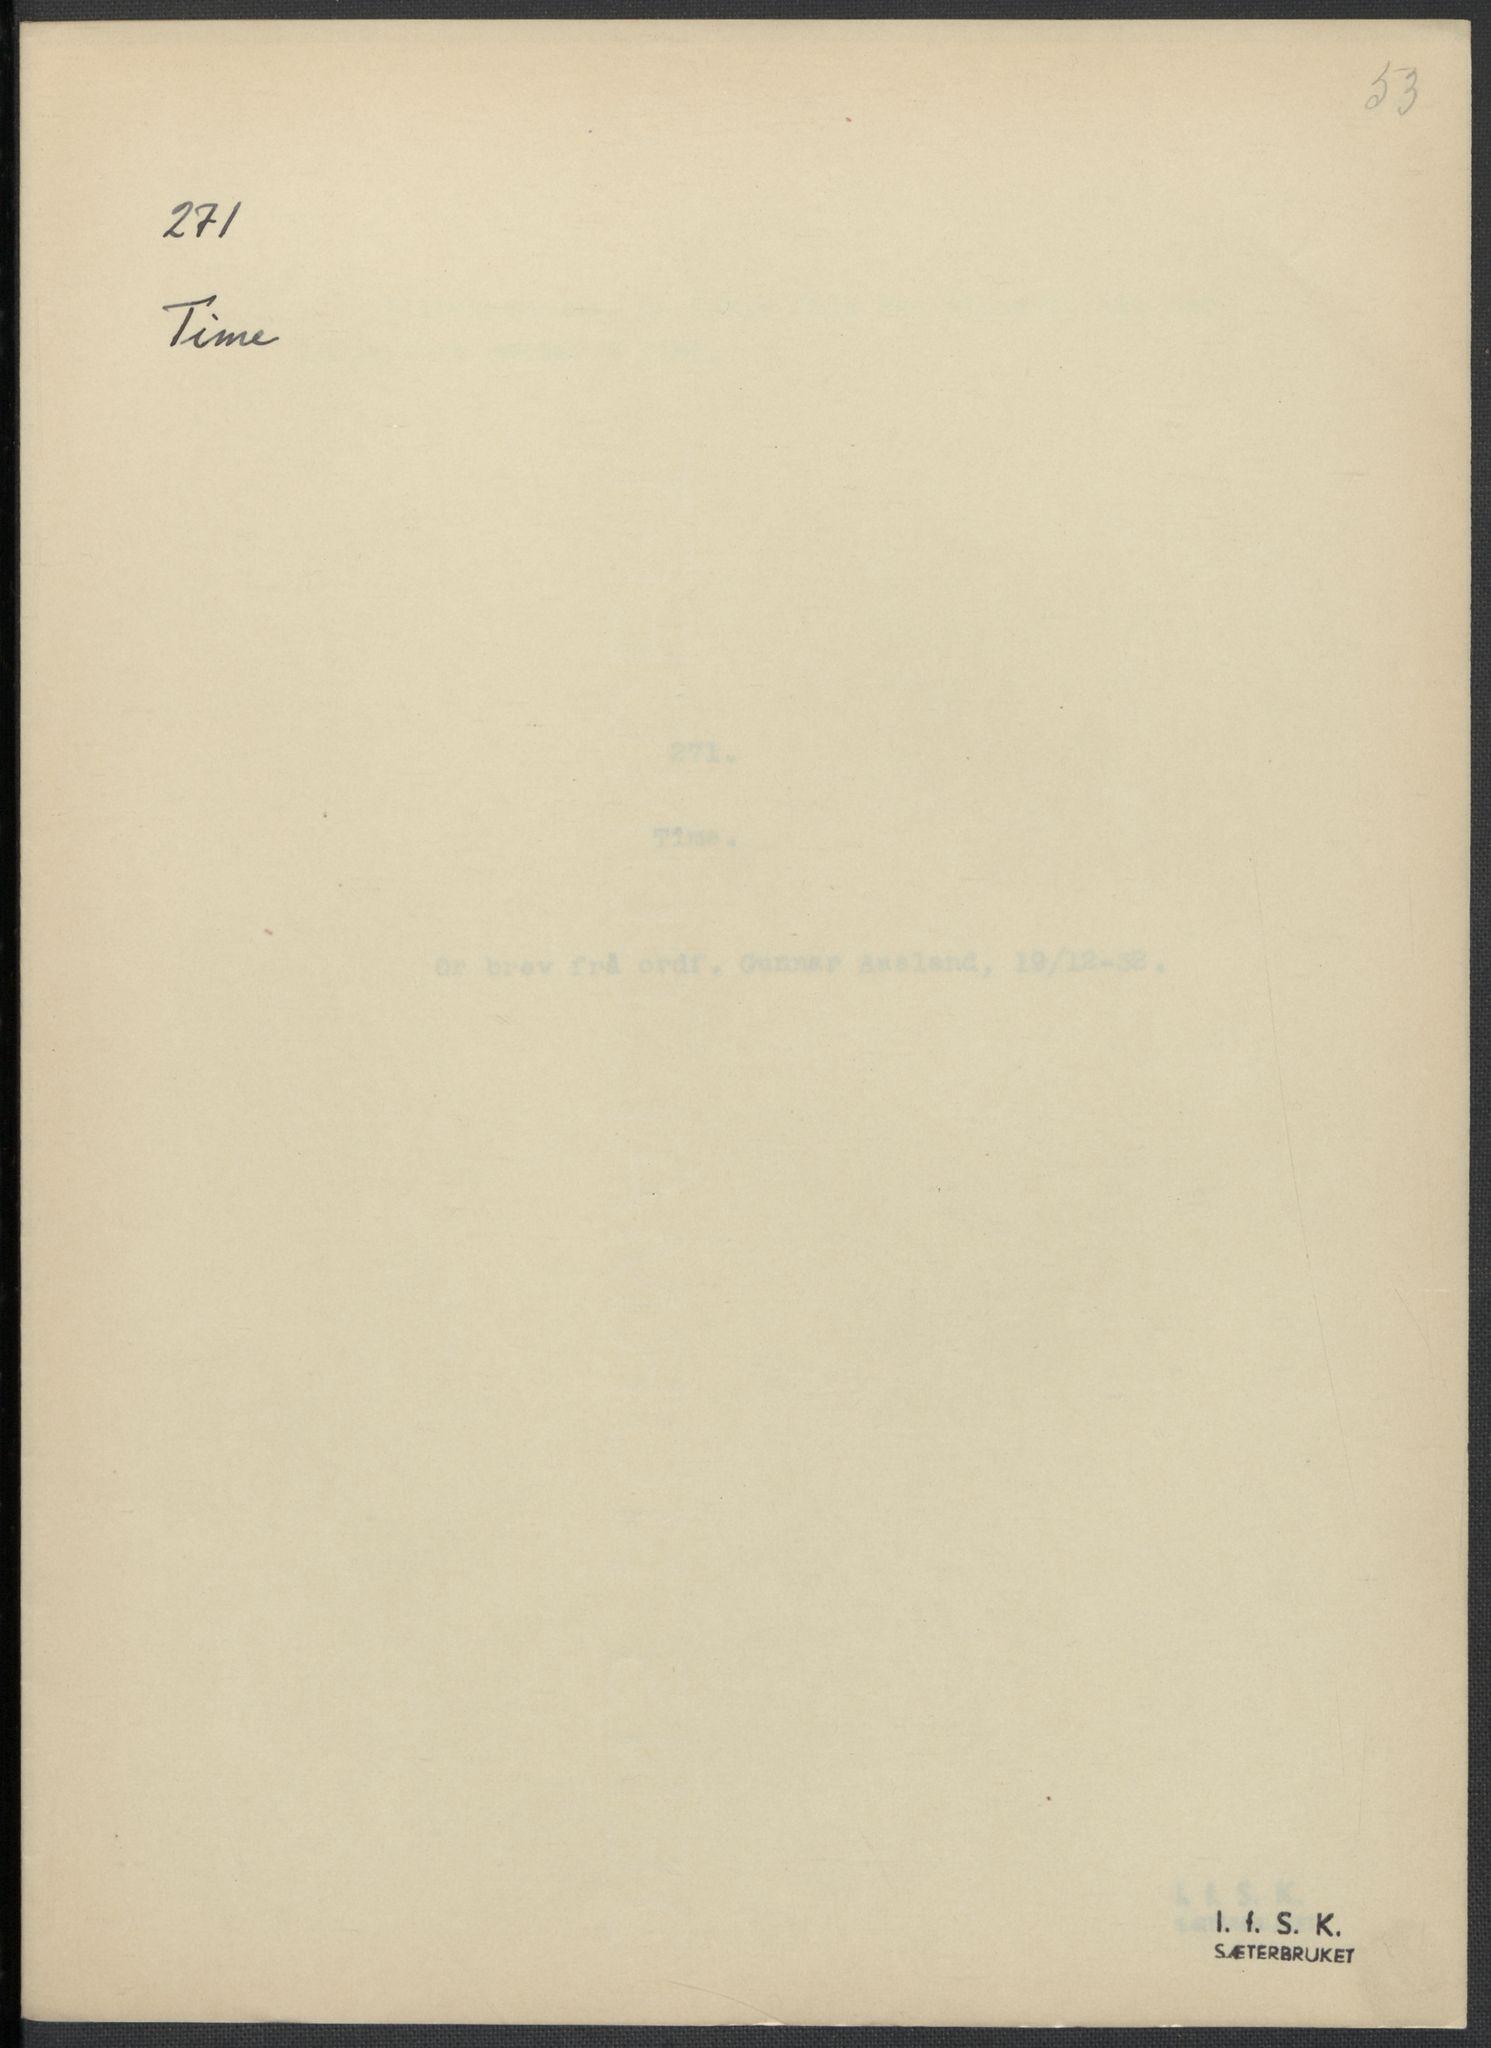 RA, Instituttet for sammenlignende kulturforskning, F/Fc/L0009: Eske B9:, 1932-1935, s. 53